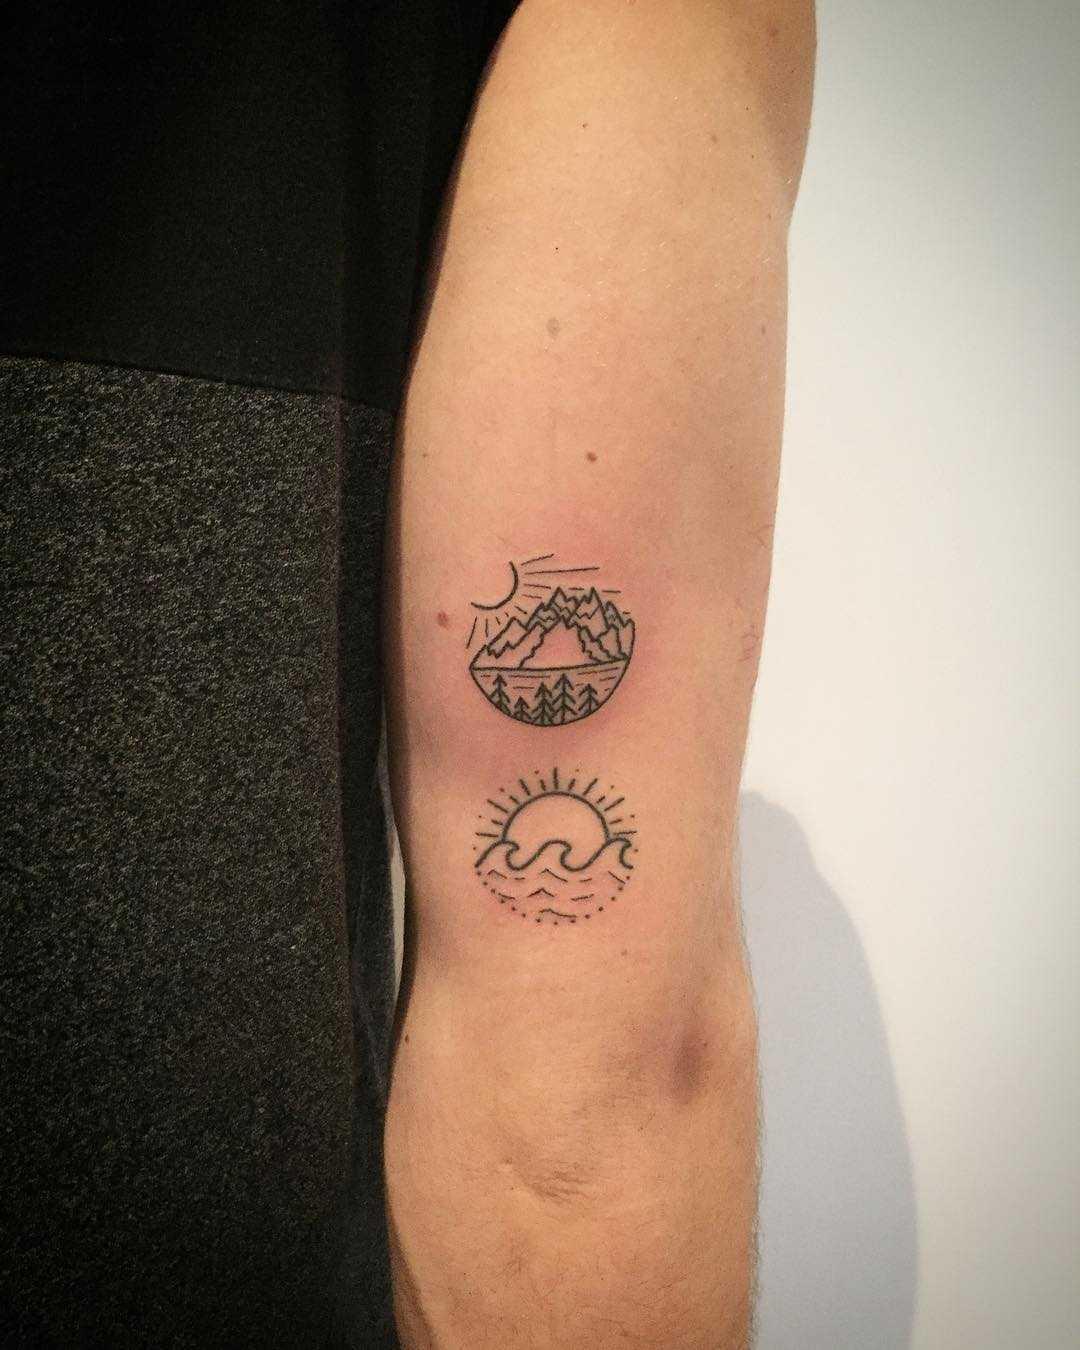 Two little scene tattoos by Kirk Budden